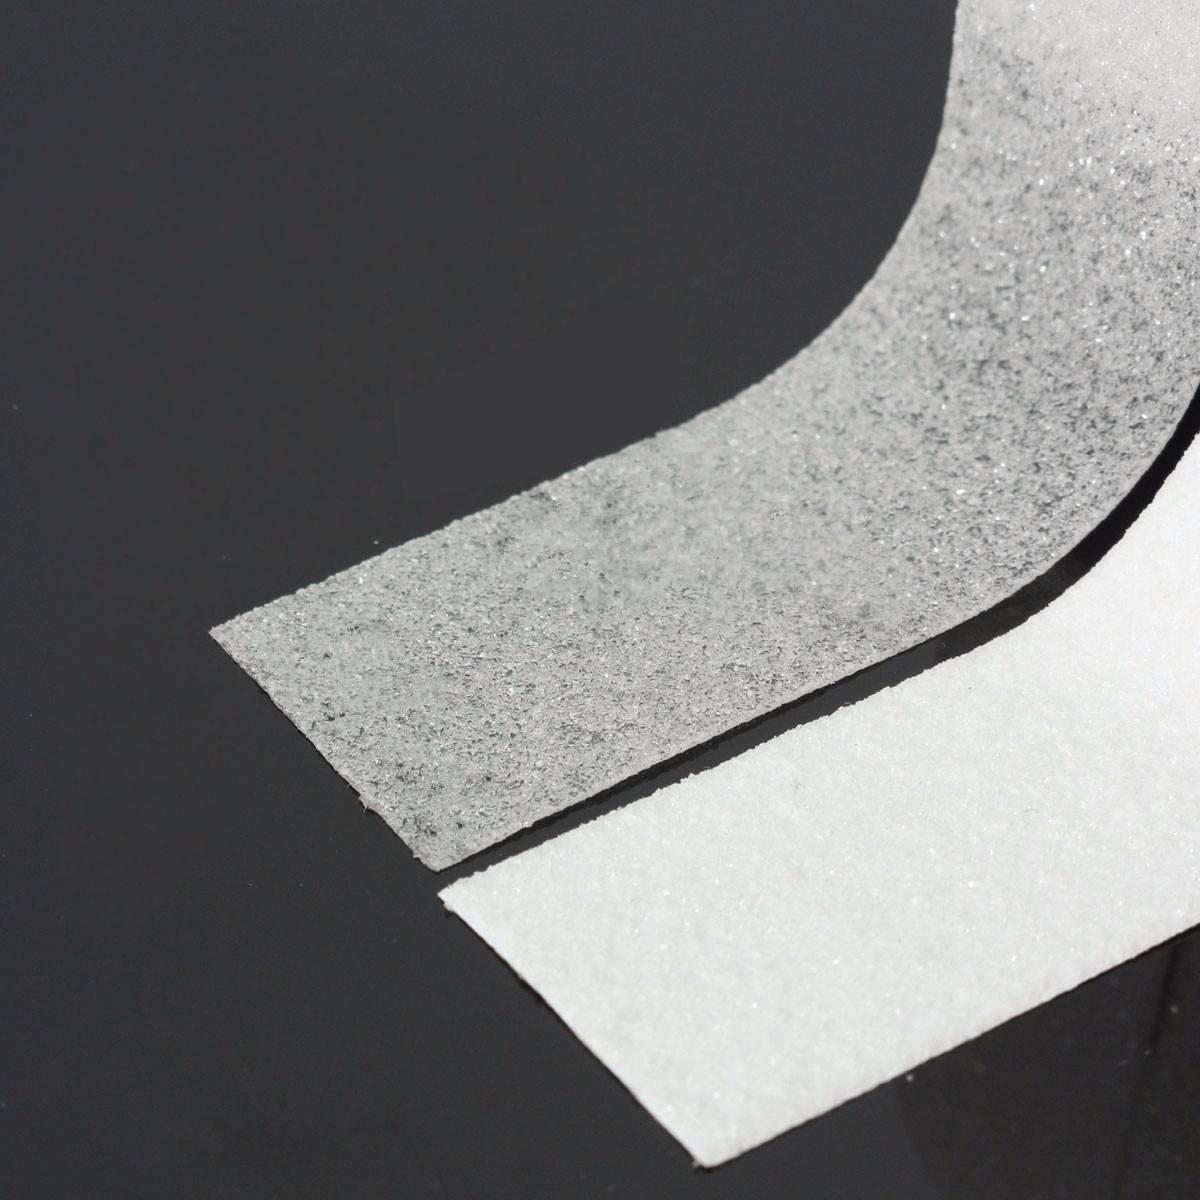 Dorato + Nero NUOBESTY Nastro Adesivo di Sicurezza per Pavimenti Impermeabile NOBOBESTY Adesivo Adesivo Resistente al Calore per Interni ed Esterni Nastro di Avvertimento